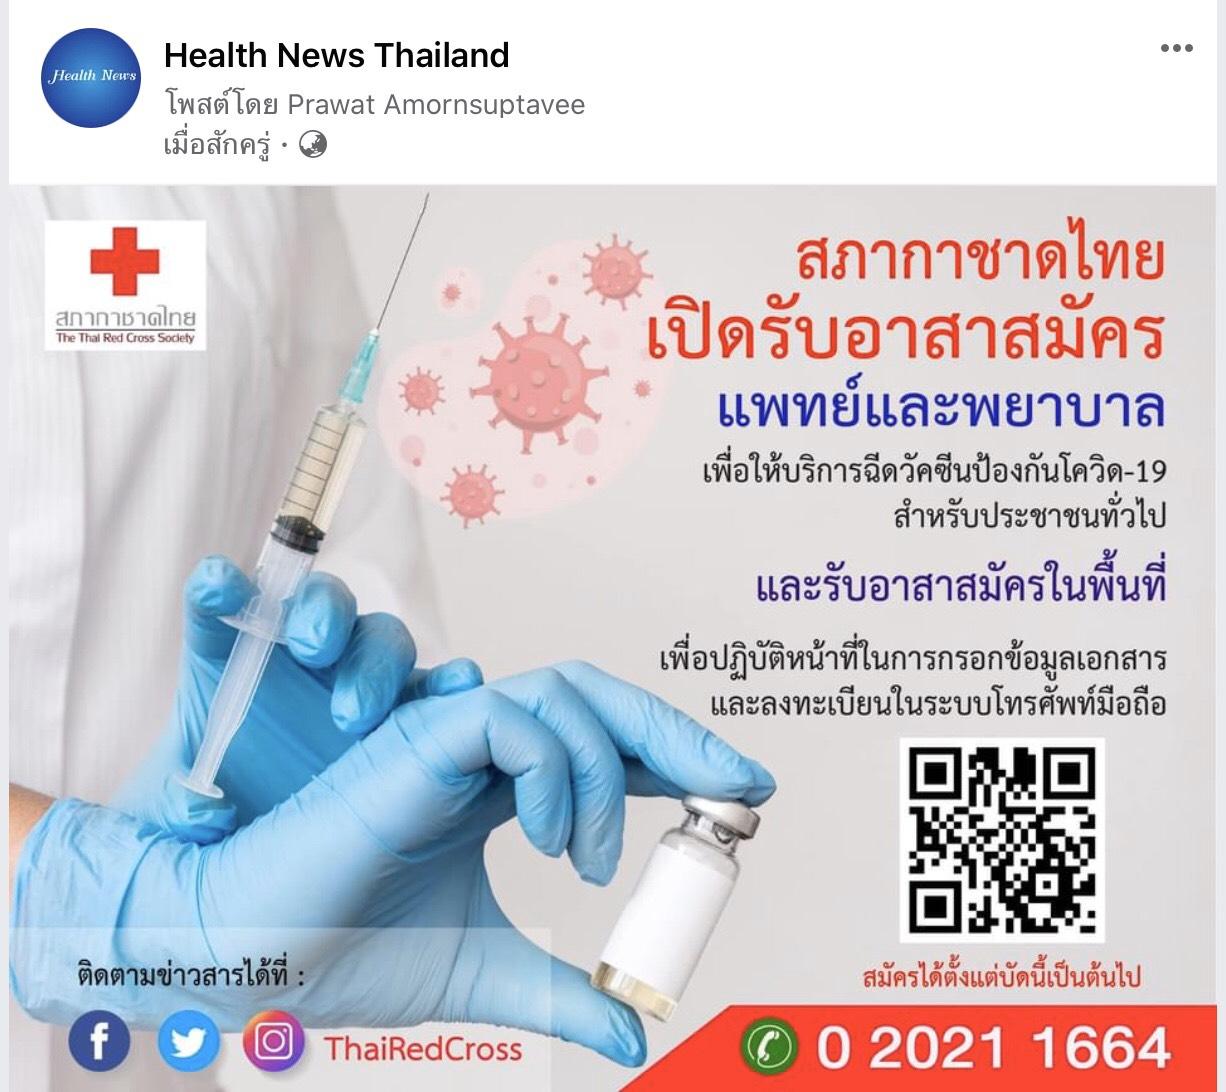 สภากาชาดไทยระดมแพทย์ พยาบาลจิตอาสา และอาสาสมัครทั่วไปสนับสนุนการให้บริการฉีดวัคซีนโควิด-19             แก่ประชาชนในพื้นที่กรุงเทพมหานคร และส่วนภูมิภาค